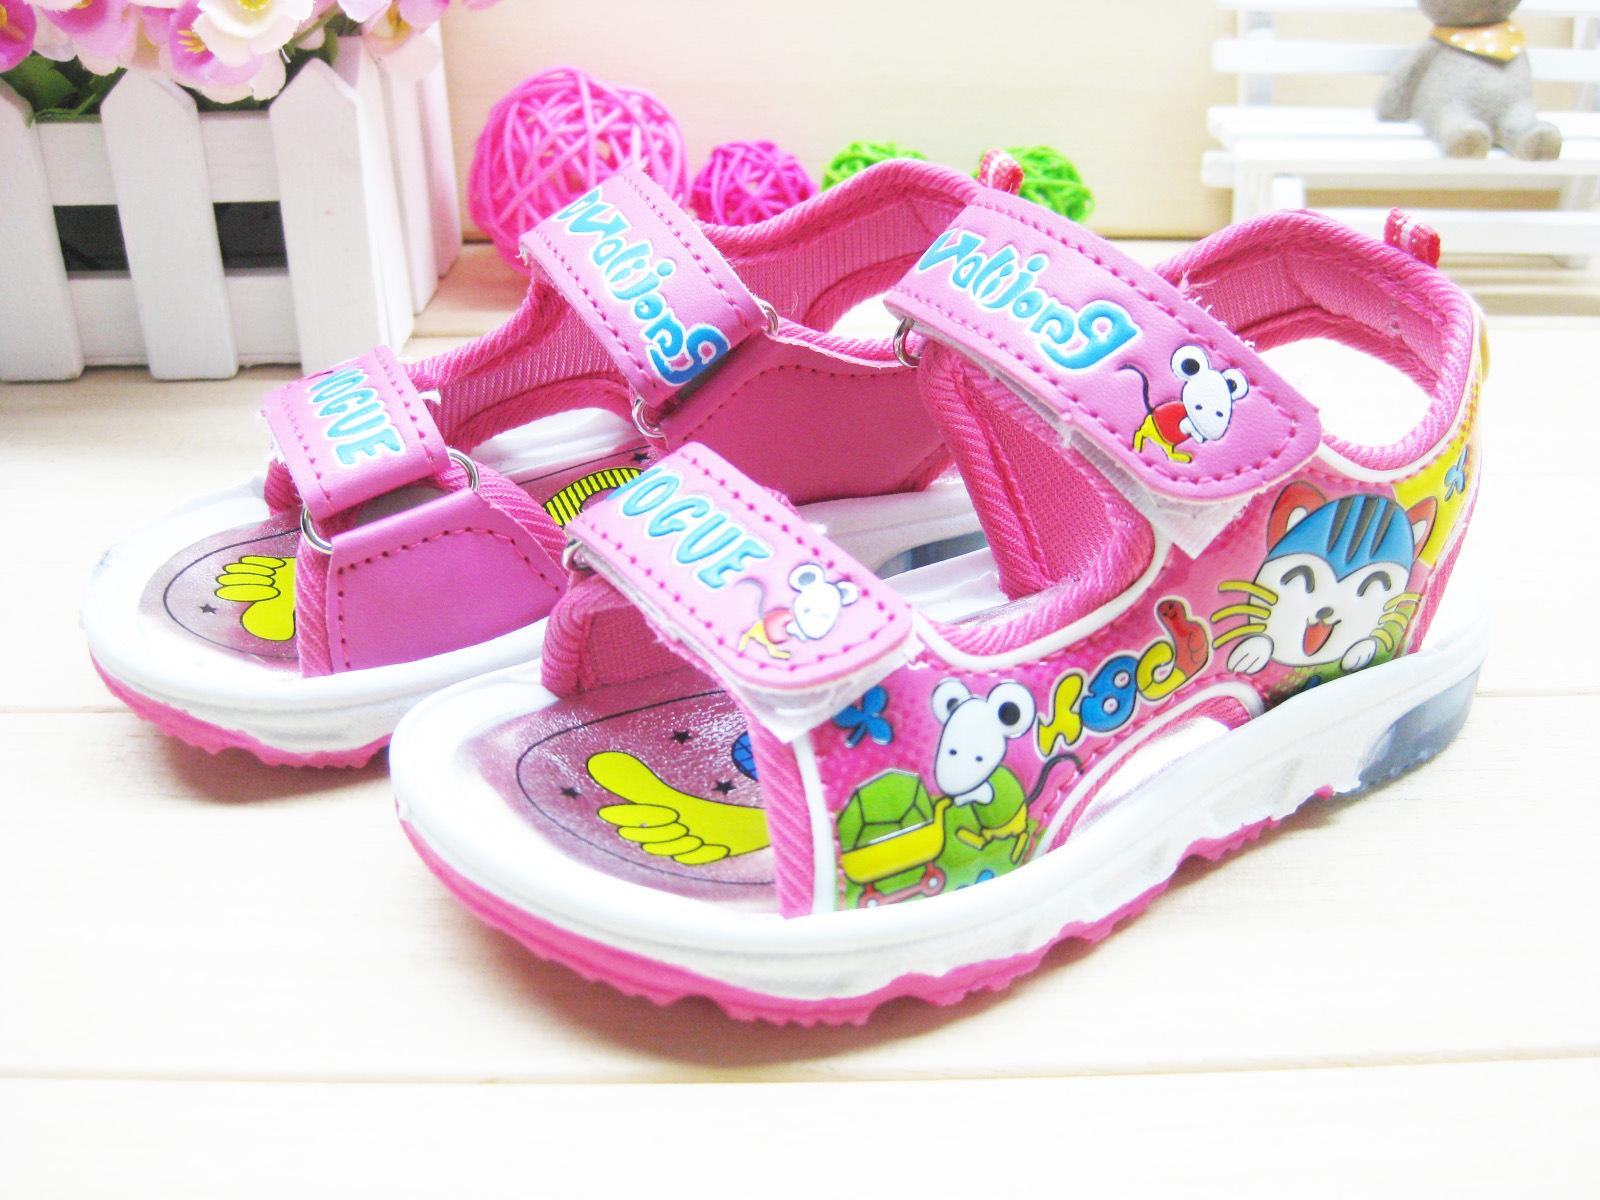 รองเท้าแตะรัดส้นเด็กหญิง มีไฟกระพริบ Size 18-23